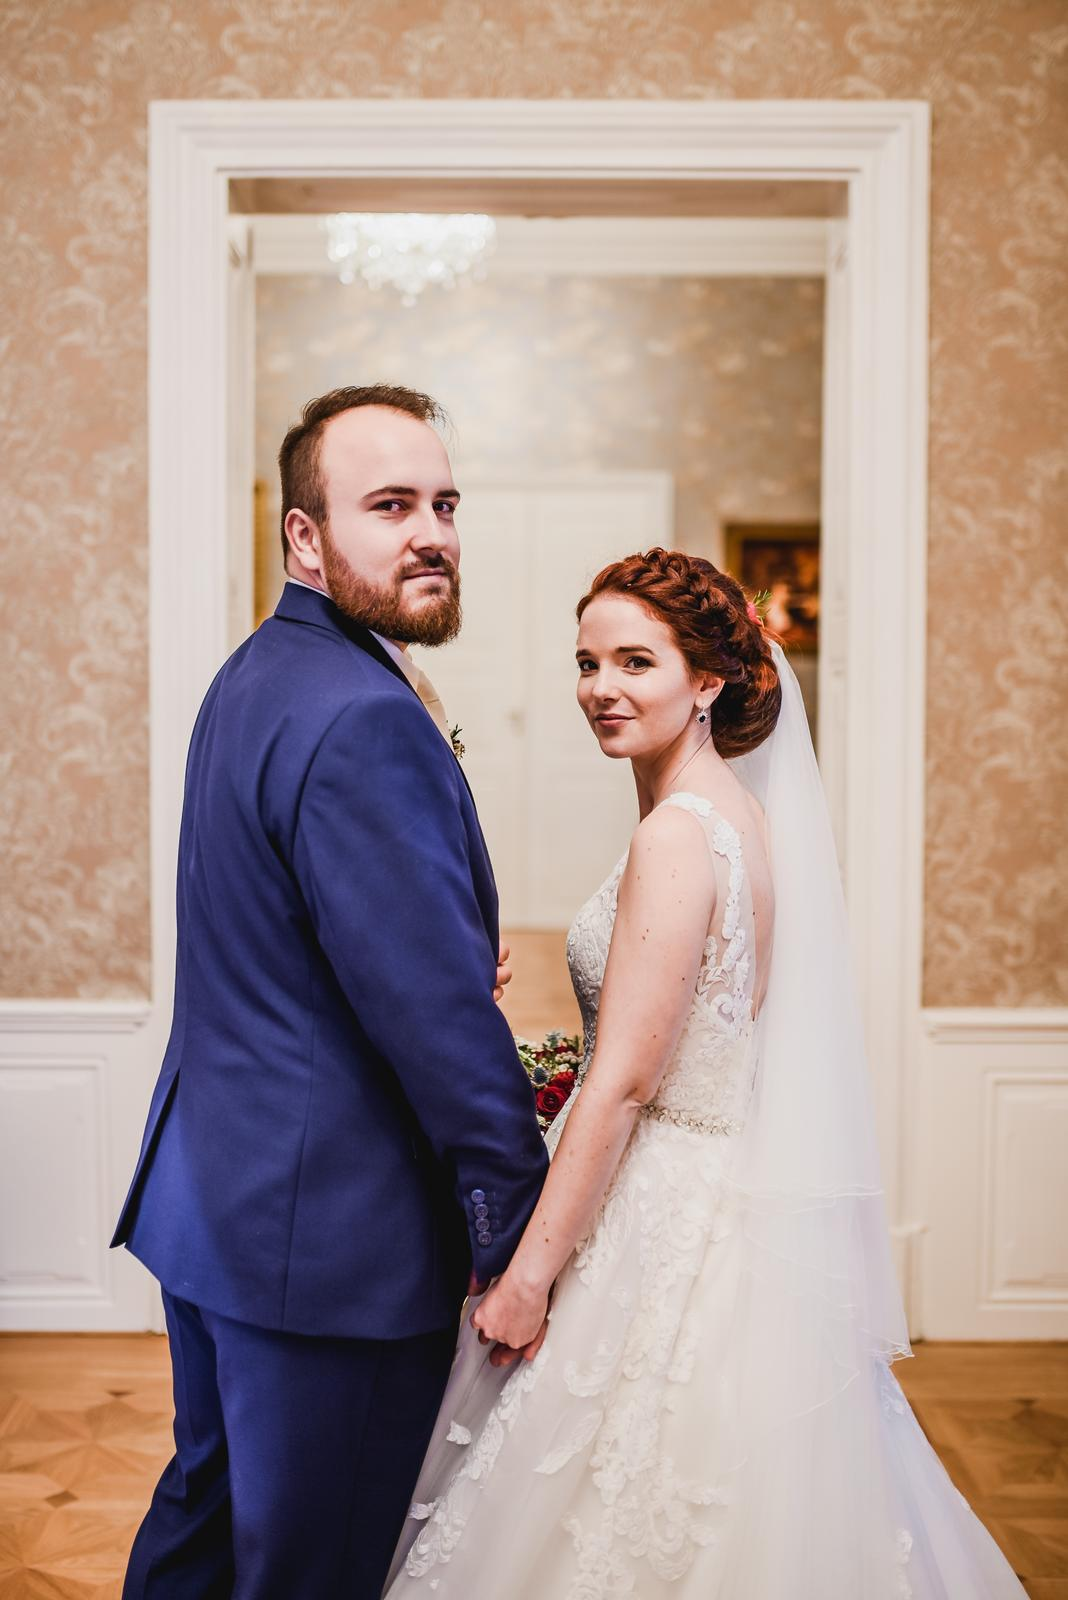 Marta{{_AND_}}Jirka - Dva roky po svatbě...stále spolu, stále šťastní. Sem tam se objeví nějaký mráček. Ale jak rychle se zjeví, tak i rychle zmizí.